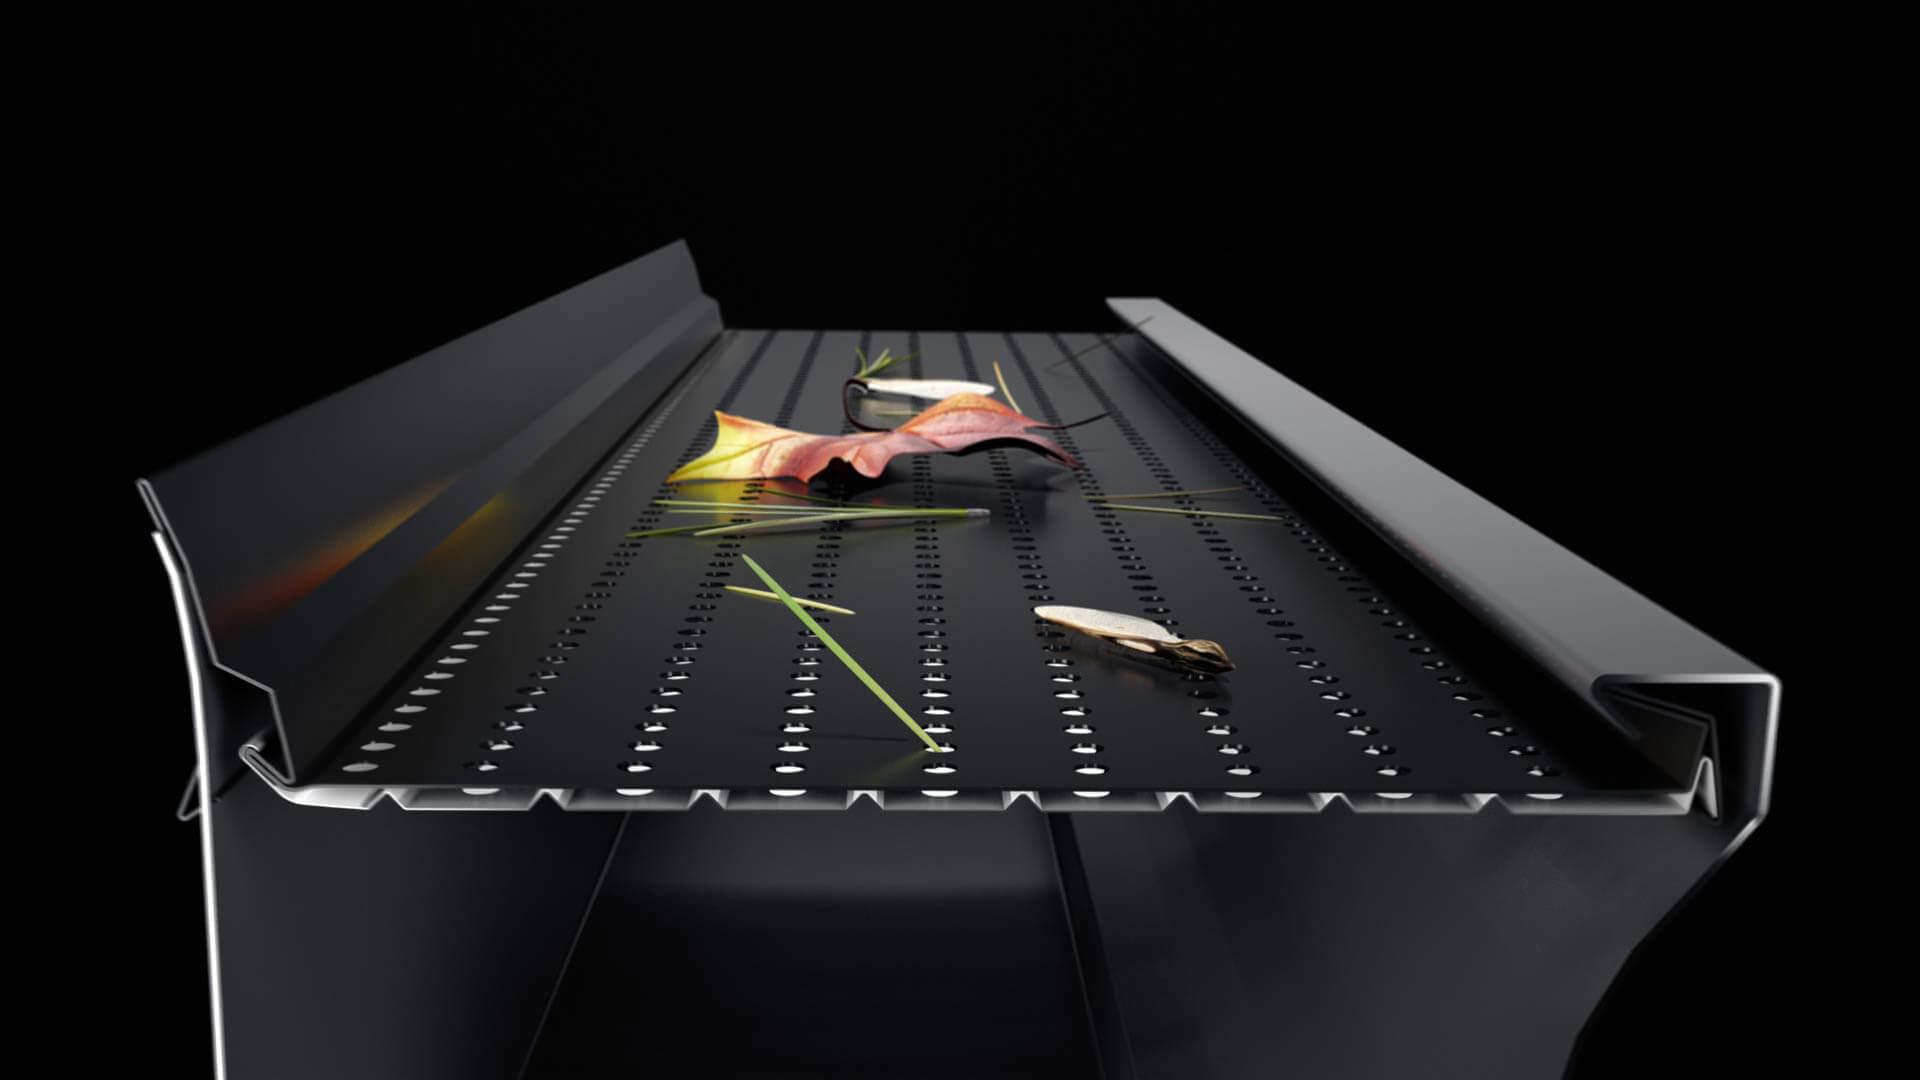 Protège-gouttière Alurex Double Pro avec débris végétaux bloqués sur le dessus